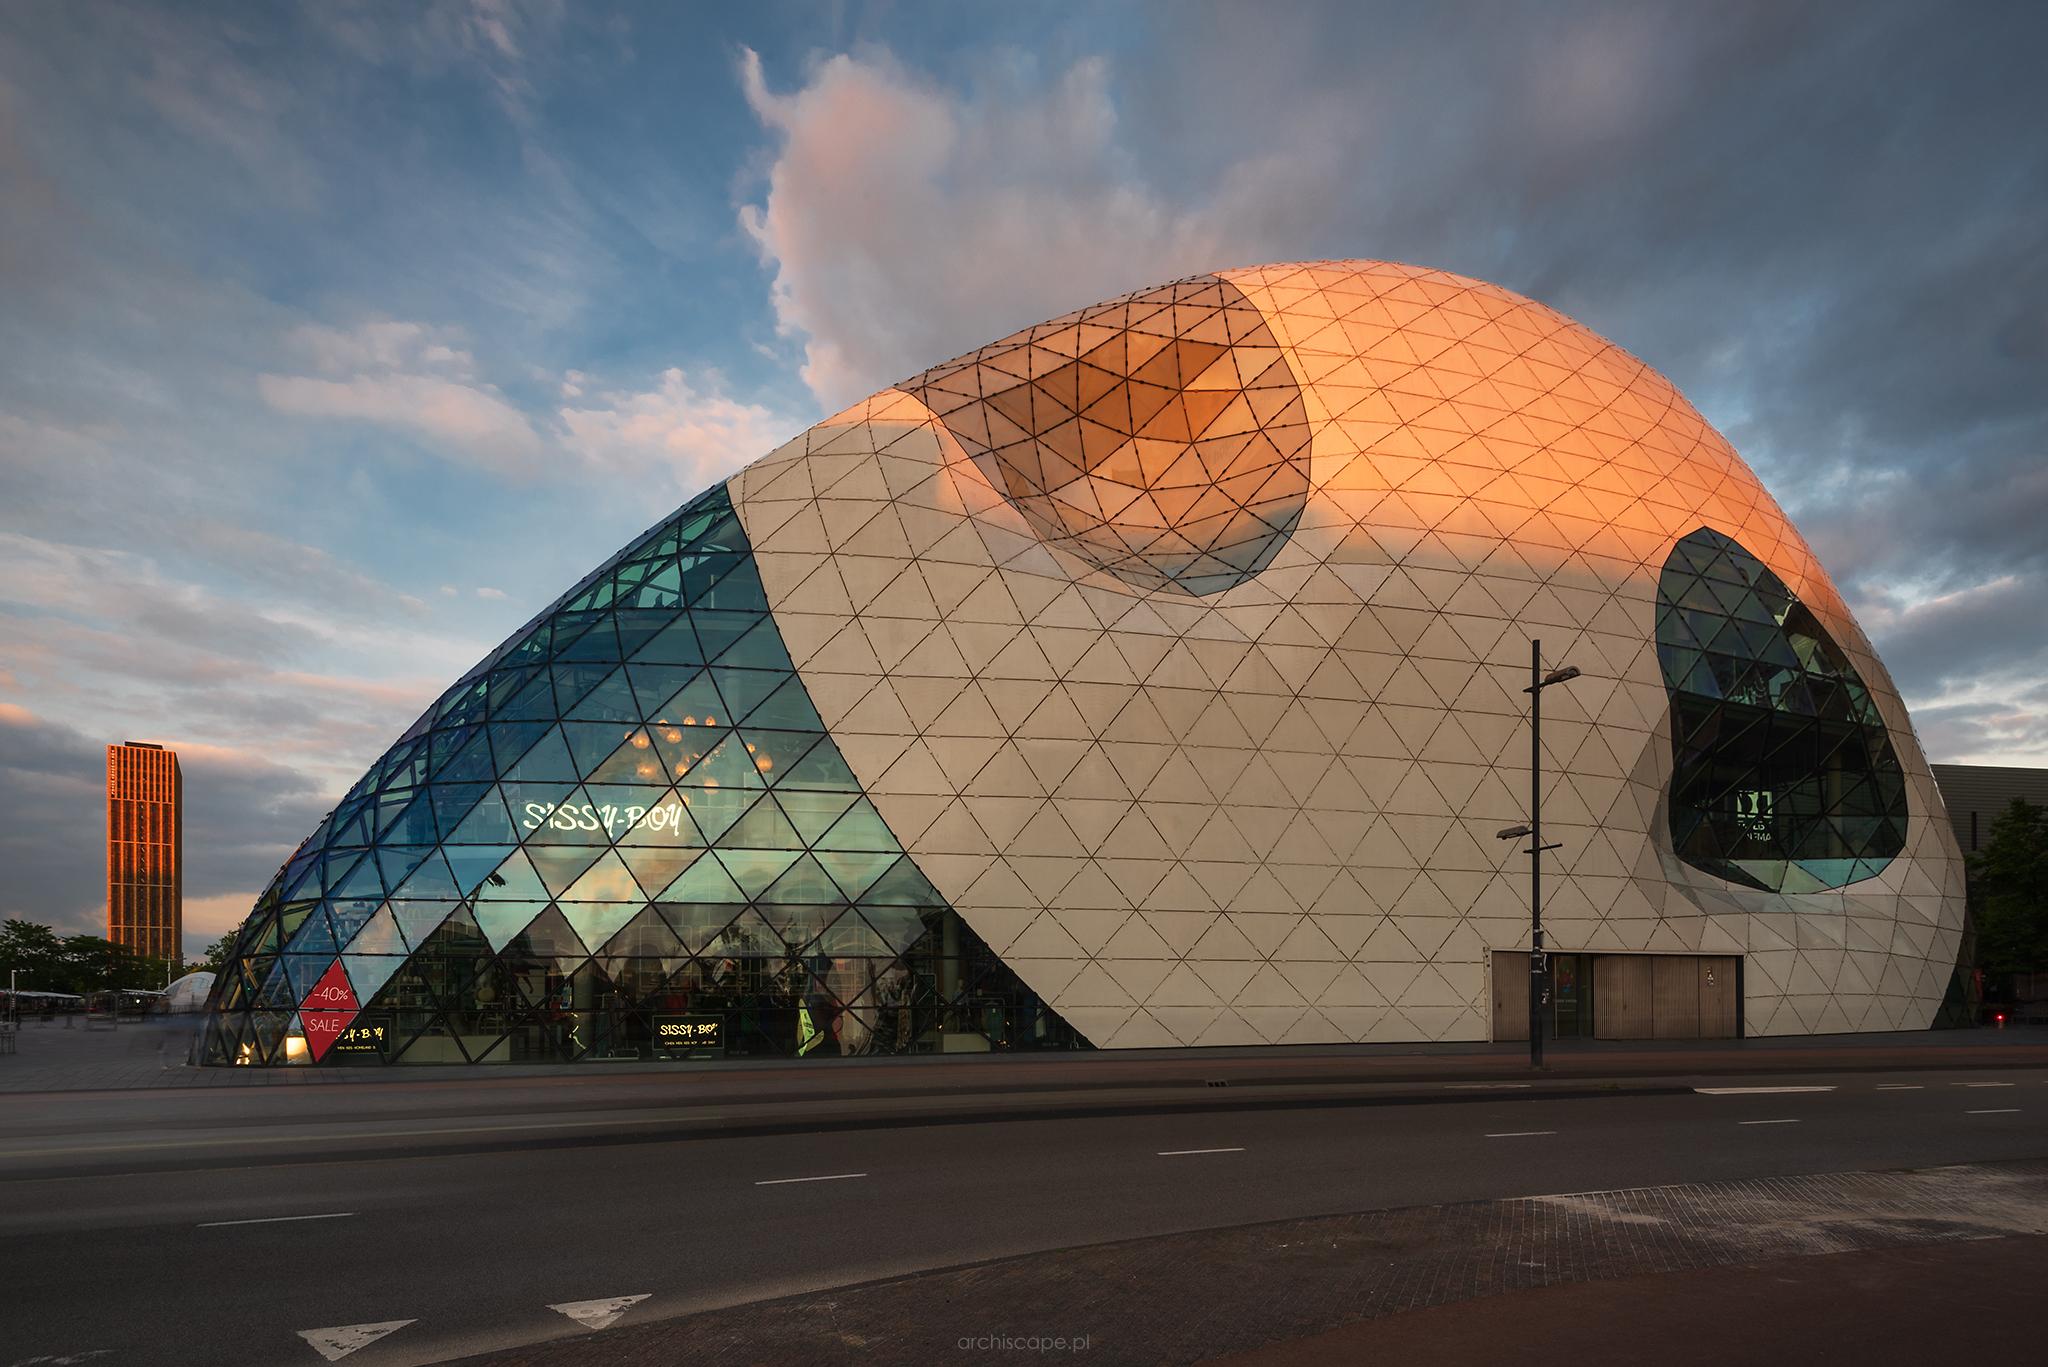 De Blob, Netherlands